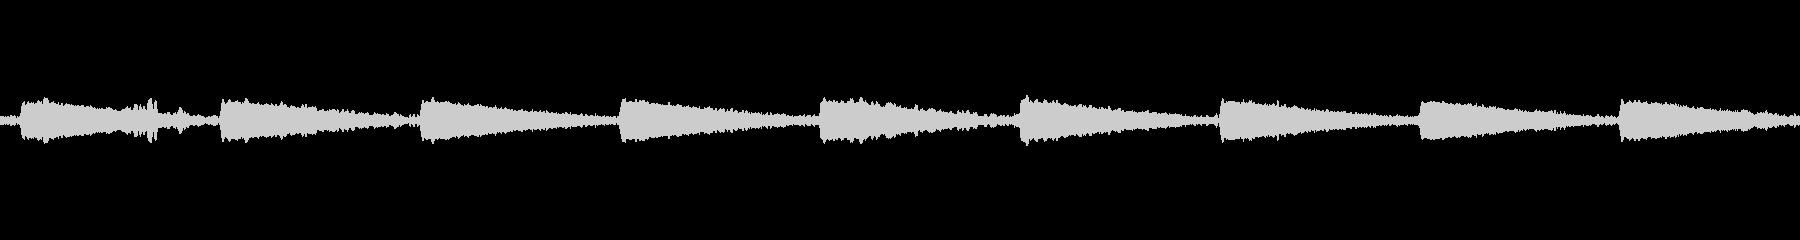 トラックchev警告音far bの未再生の波形